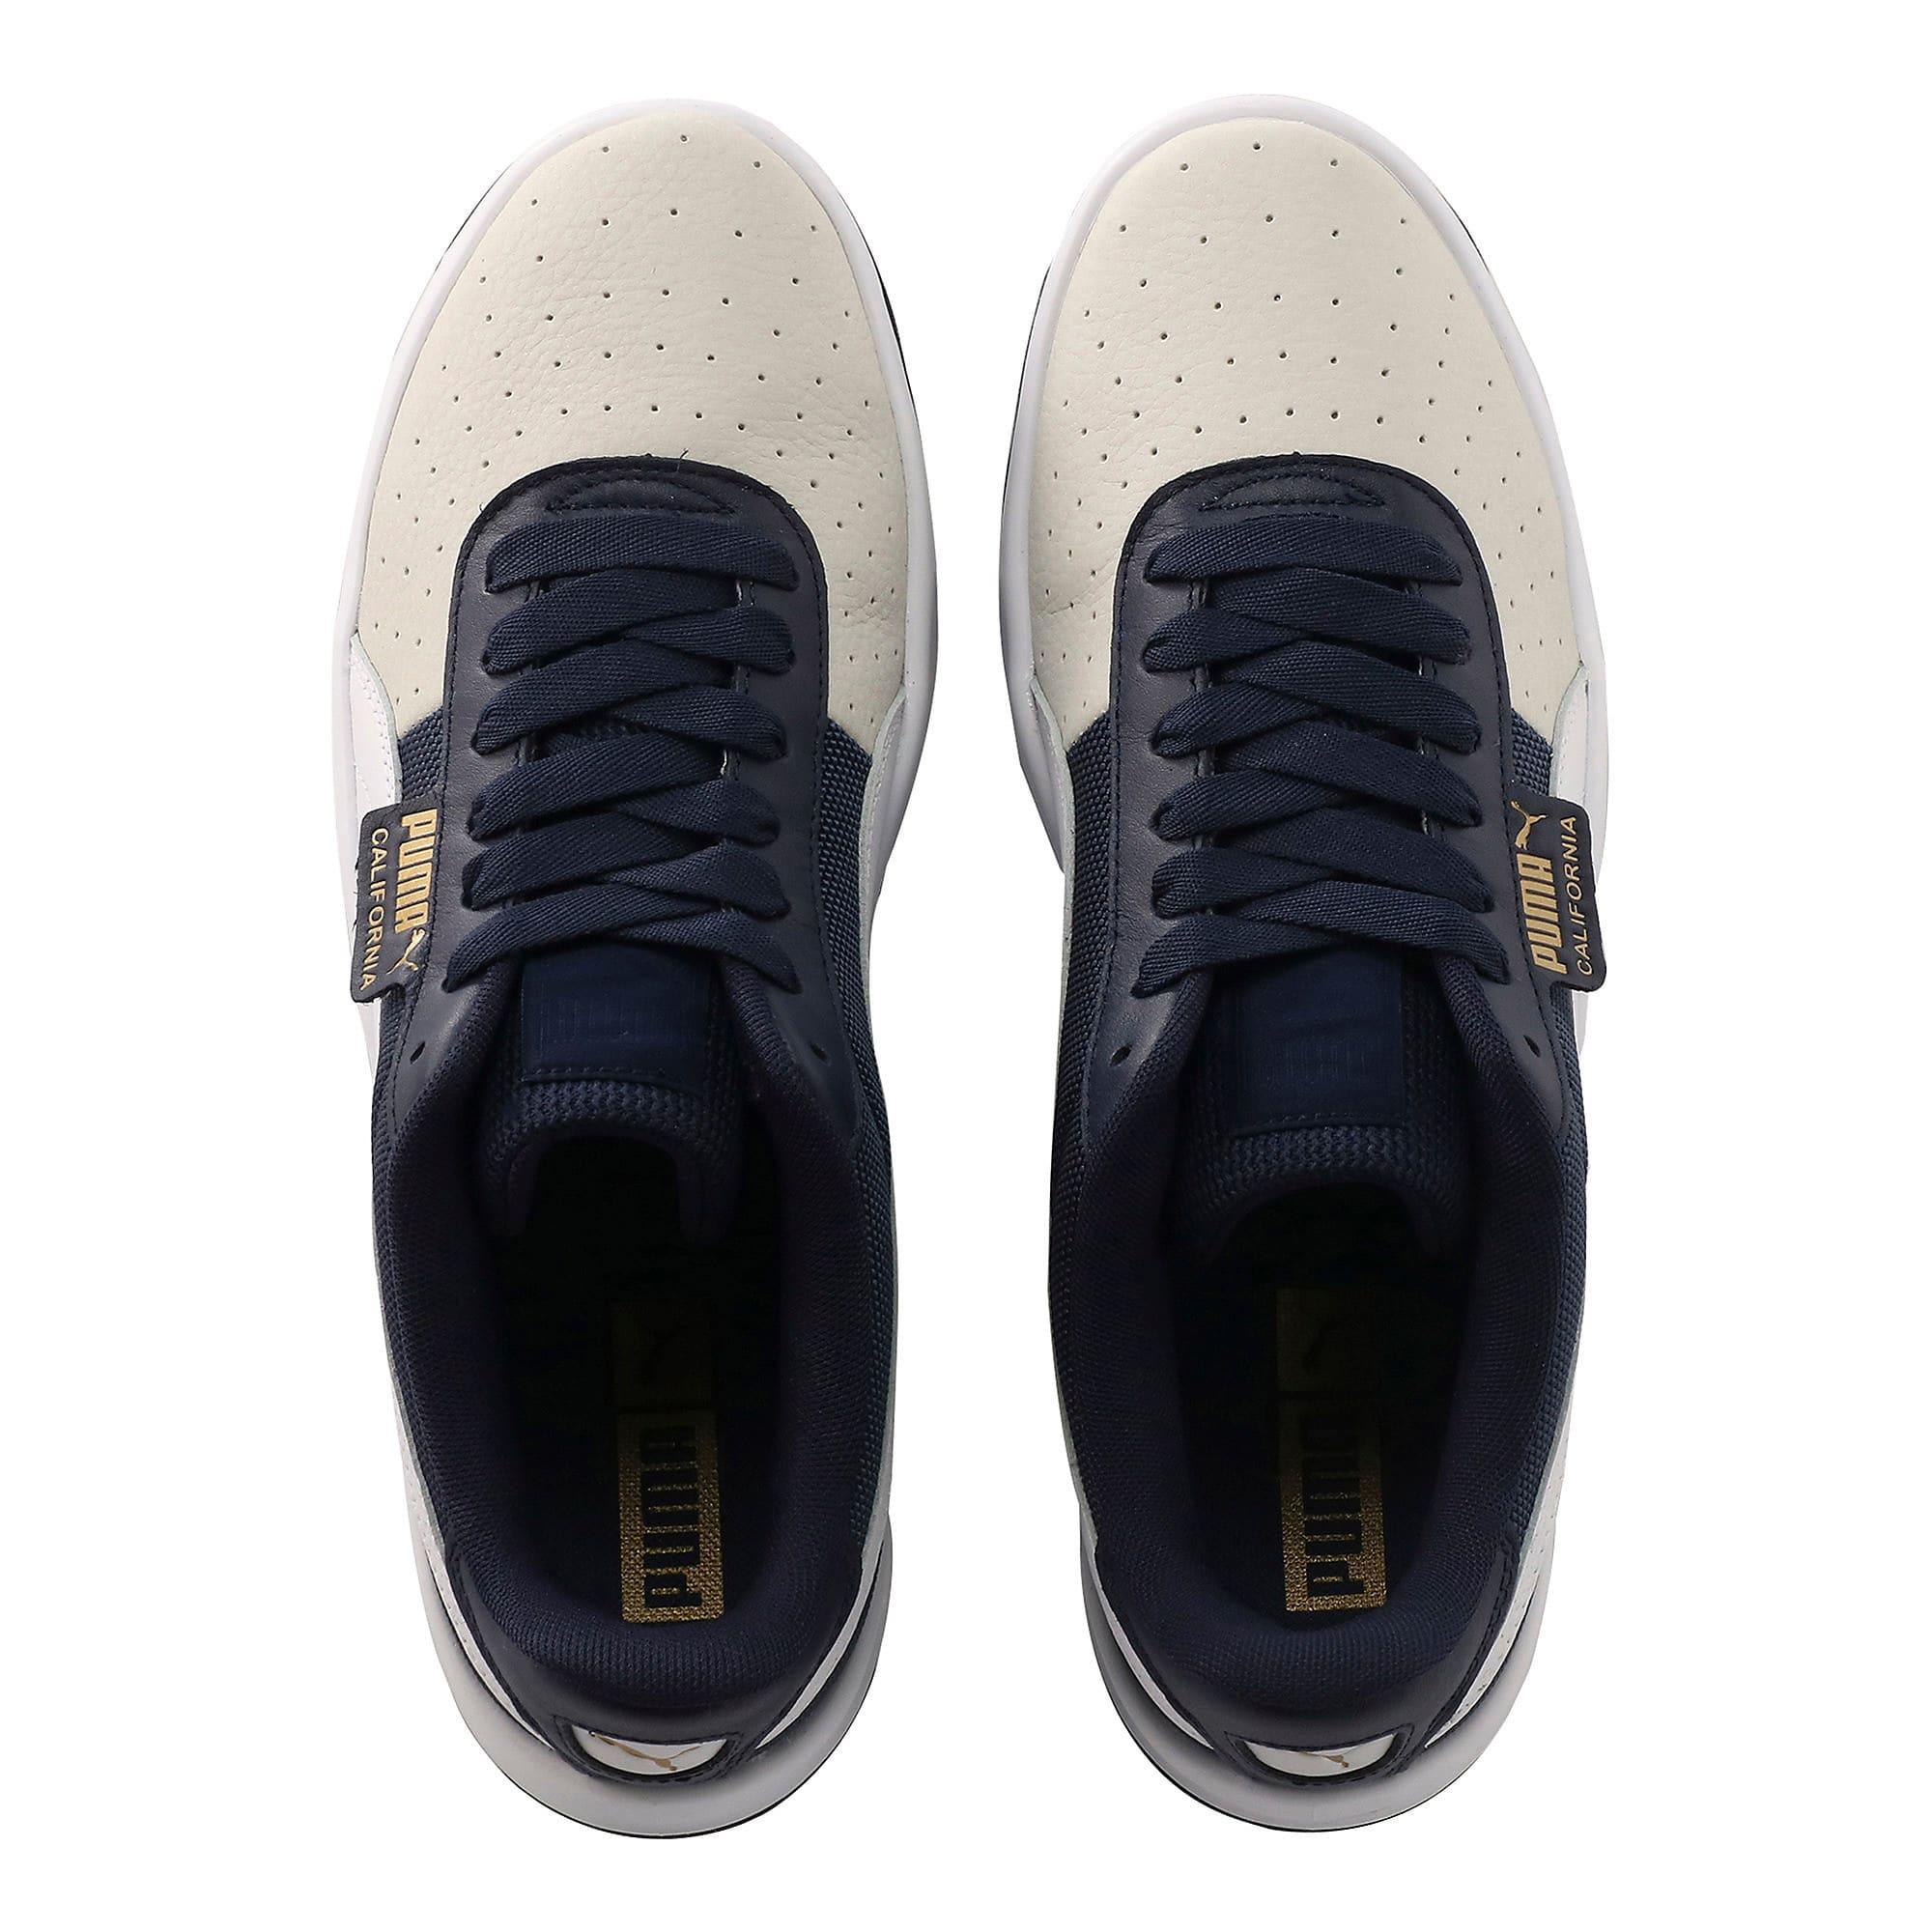 Thumbnail 6 of California Sneakers, Glacier Gray-Peacoat-PumaWht, medium